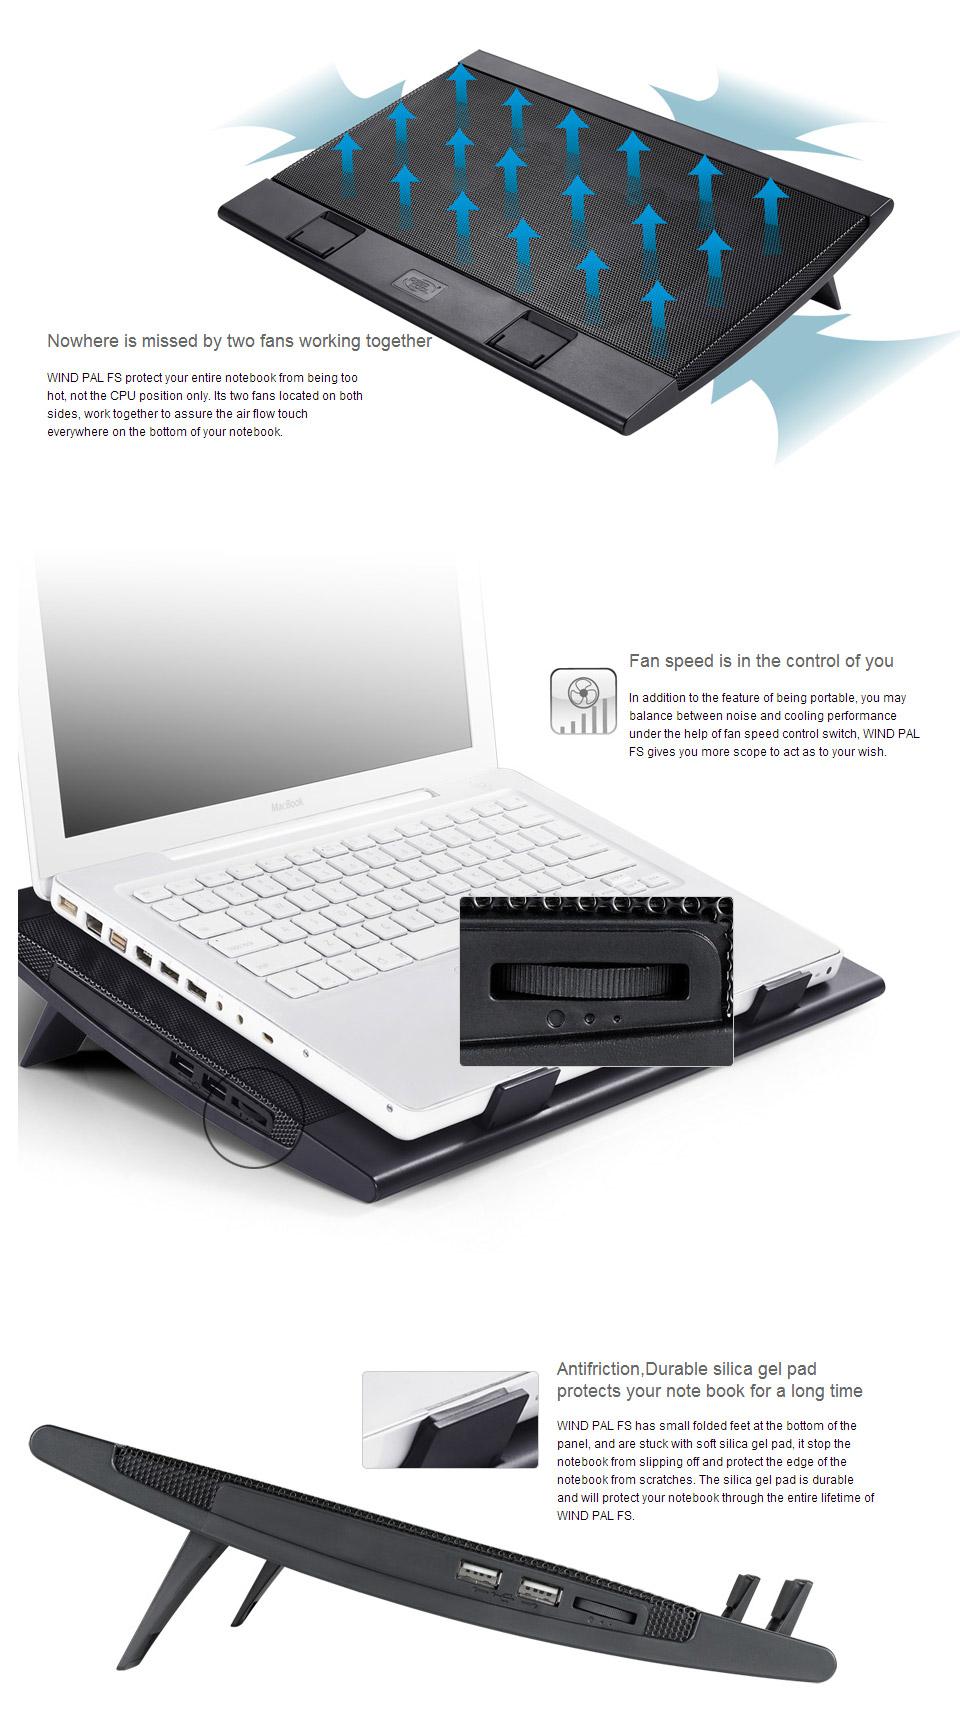 Deepcool Wind Pal FS Notebook Cooler [DP-N222-WPALFS] : PC Case Gear